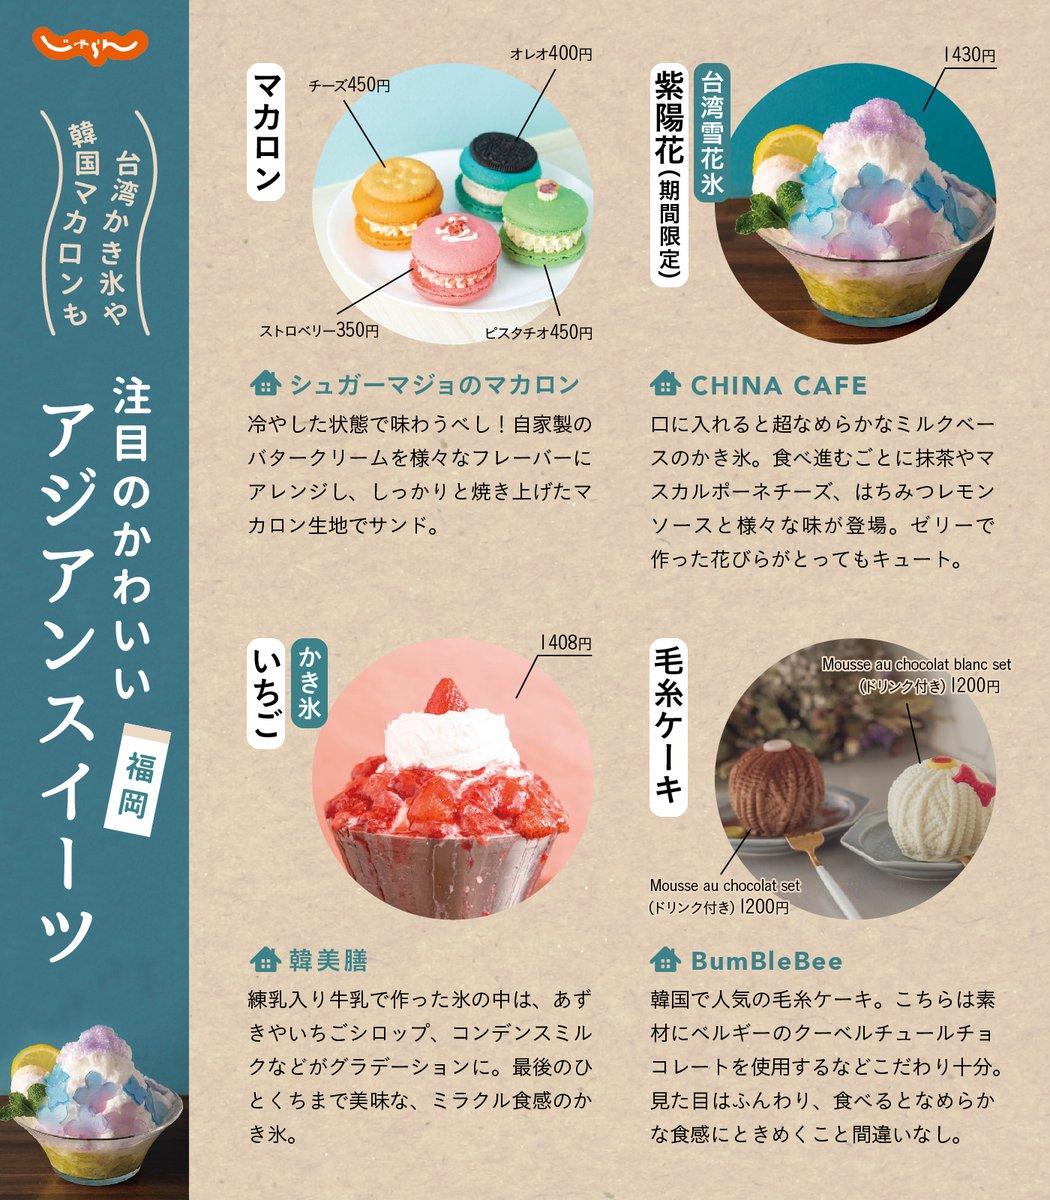 近年ますます注目を集めている 「アジアンスイーツ」🐼🍥✨  冷やすとさらに美味しい 韓国のカラフルマカロンや、 本格台湾雪花氷など・・🍧  見た目は可愛く味は、本格派な トレンドスイーツを食べられる 福岡市内のお店を画像にまとめました✨  https://t.co/4dfl5Ft3lE https://t.co/8g2kceqkps